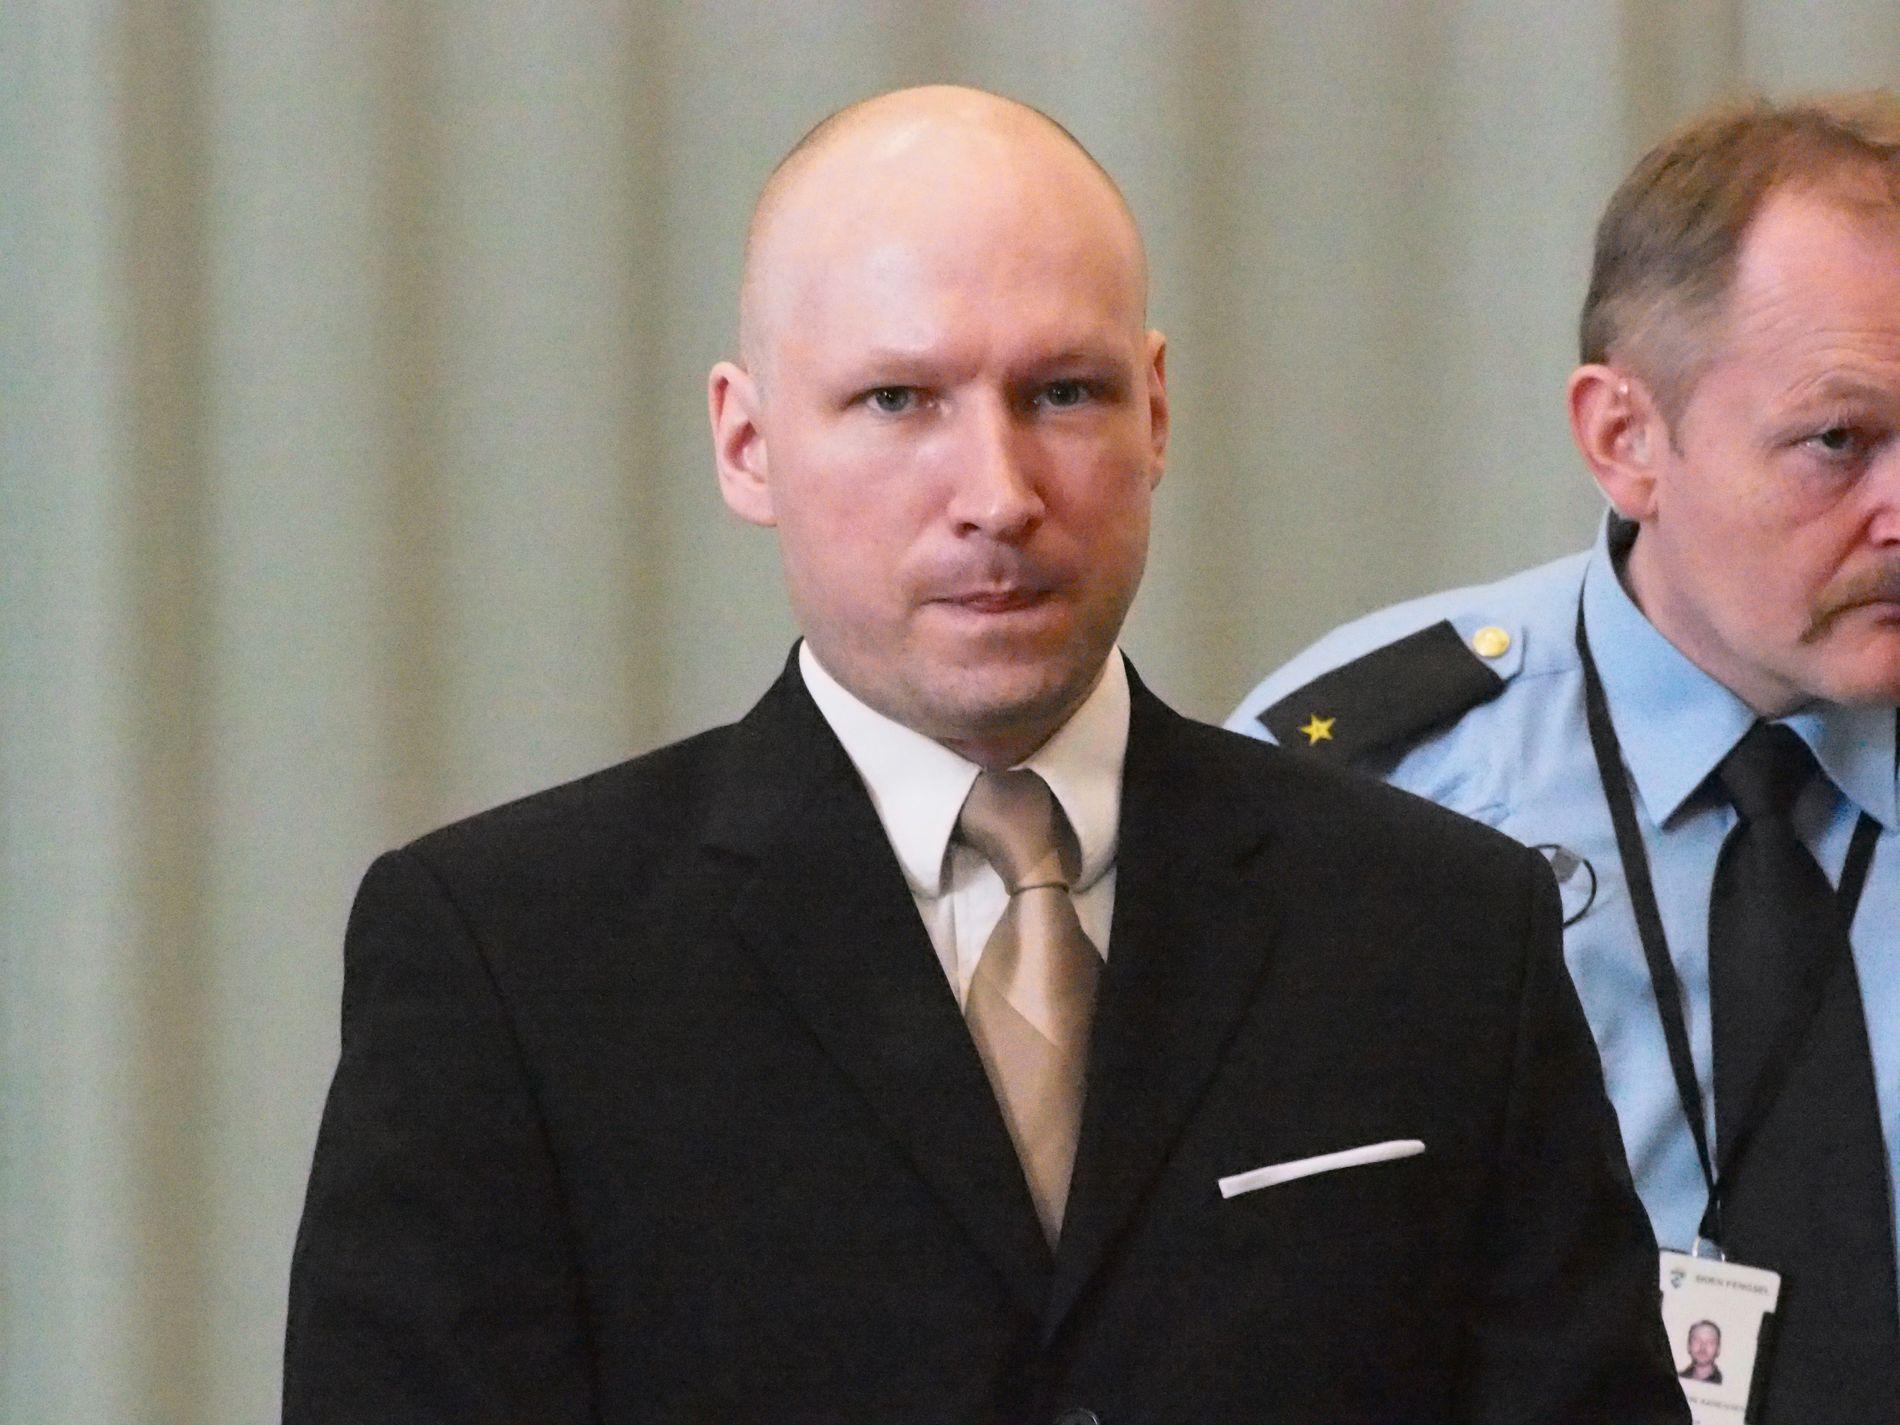 AVVISER PSYKOSE: Anders Behring Breivik (38) begynte å skrive på kompendiet «Knights Templar» da han flyttet hjem til moren sin i 2009. «Det har alltid vært oppspinn og ikke tegn på psykose som de første sakkyndige konkluderte med. Jeg løy om det.», forklarte Breivik i nye samtaler med psykiater Randi Rosenqvist i mai i fjor.